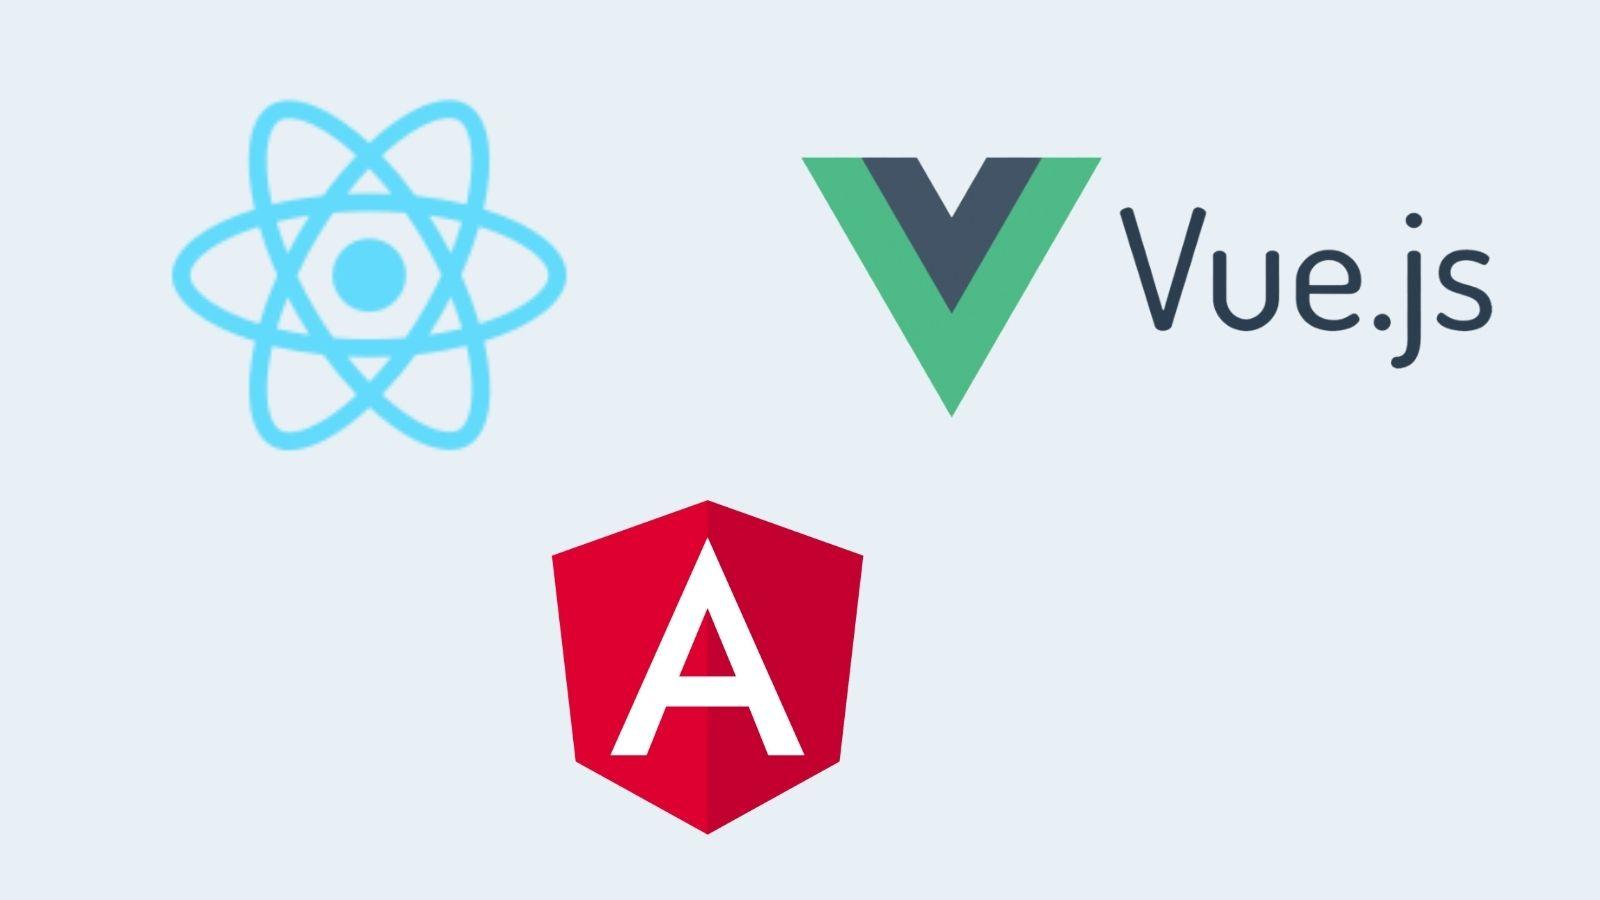 Javascript framework logos on agilitycms.com